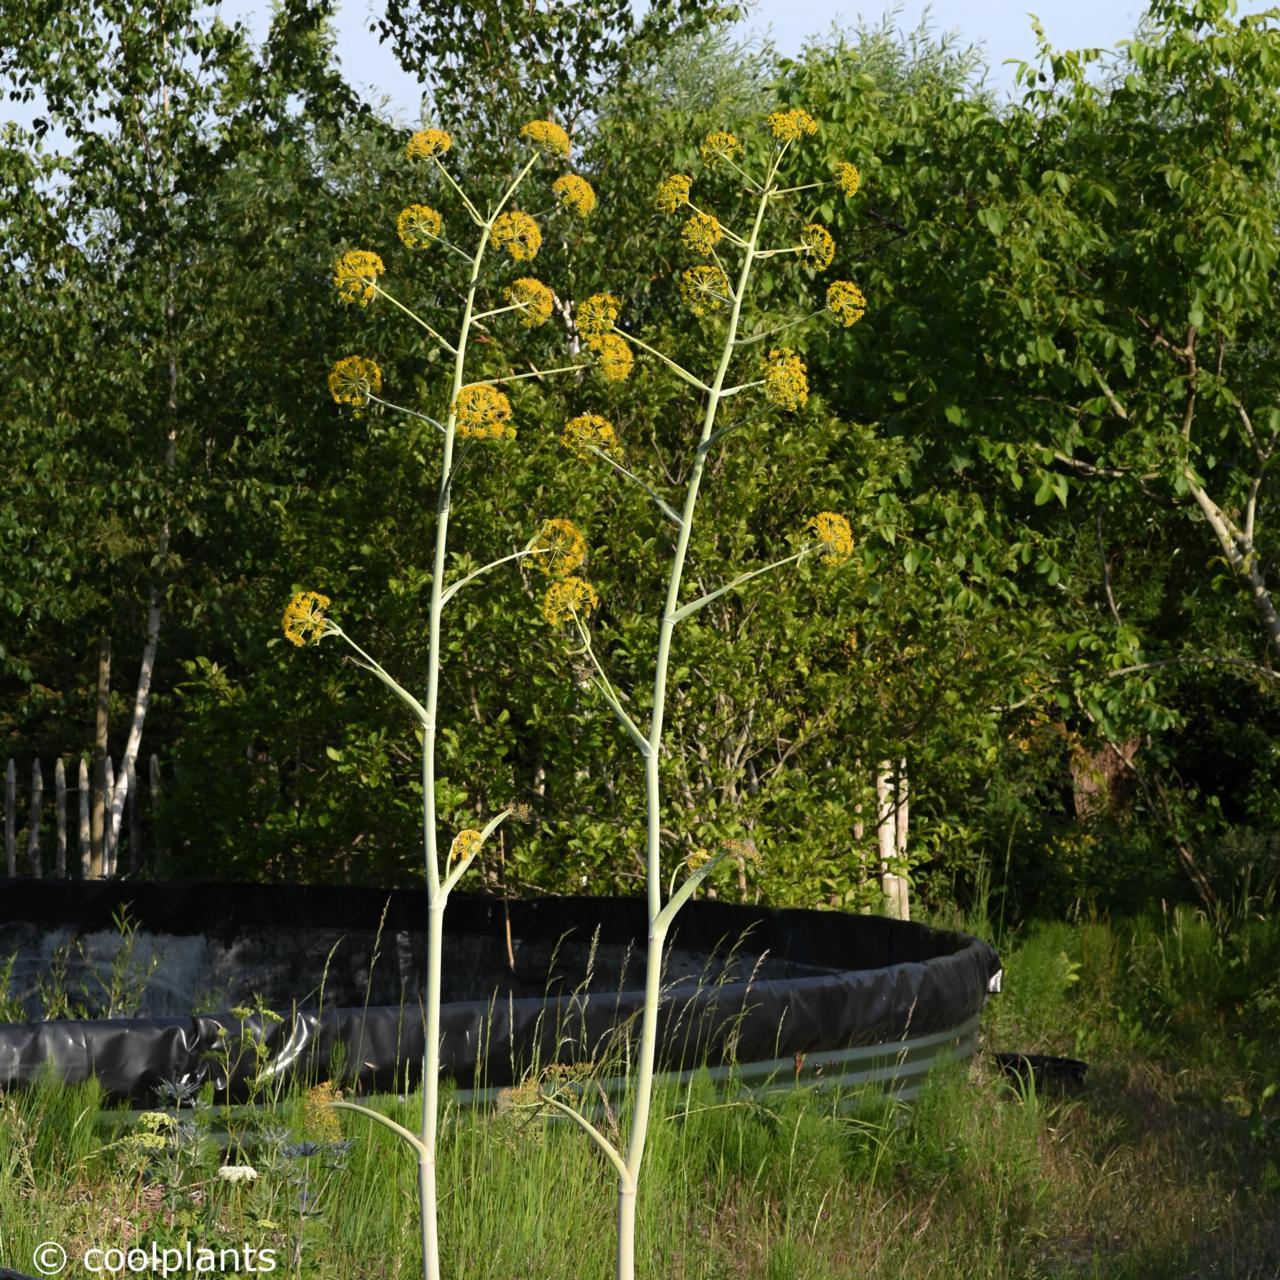 Ferula communis 'Gigantea' plant